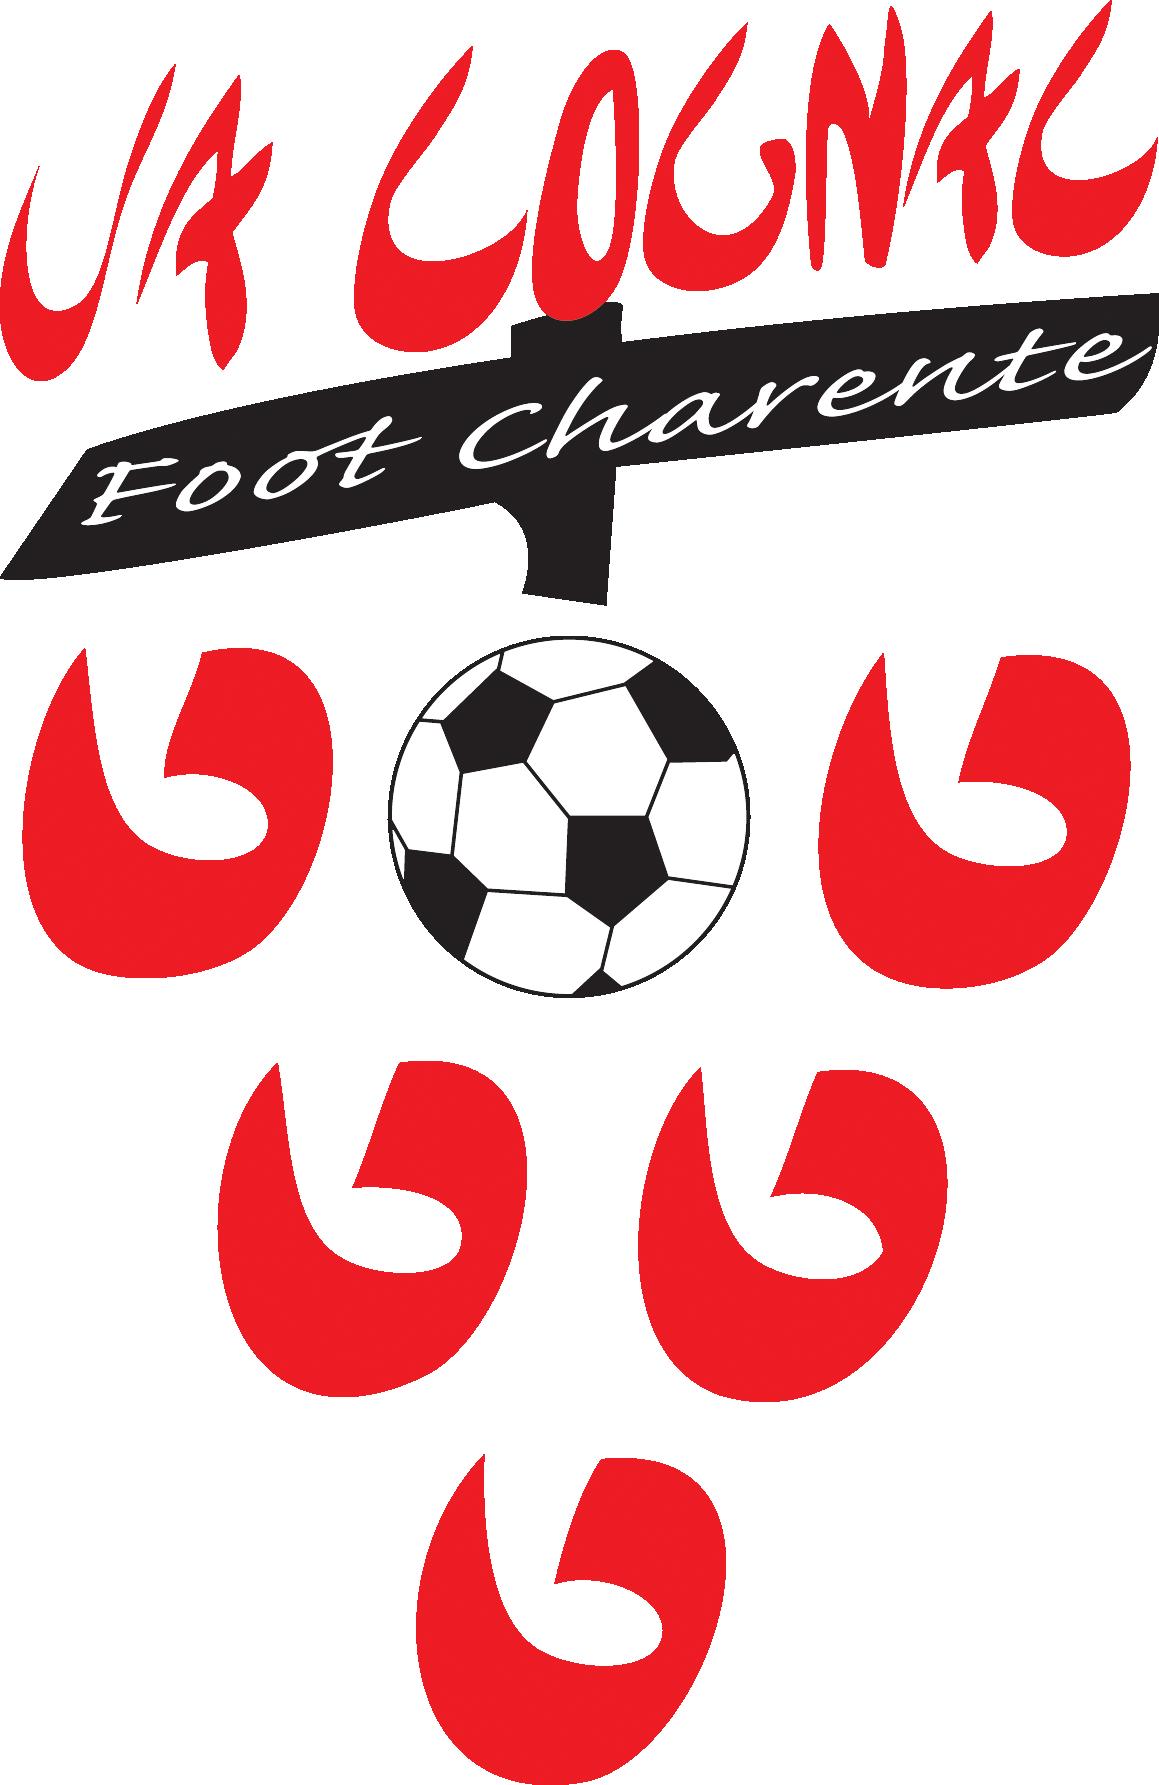 saint liguaire foot